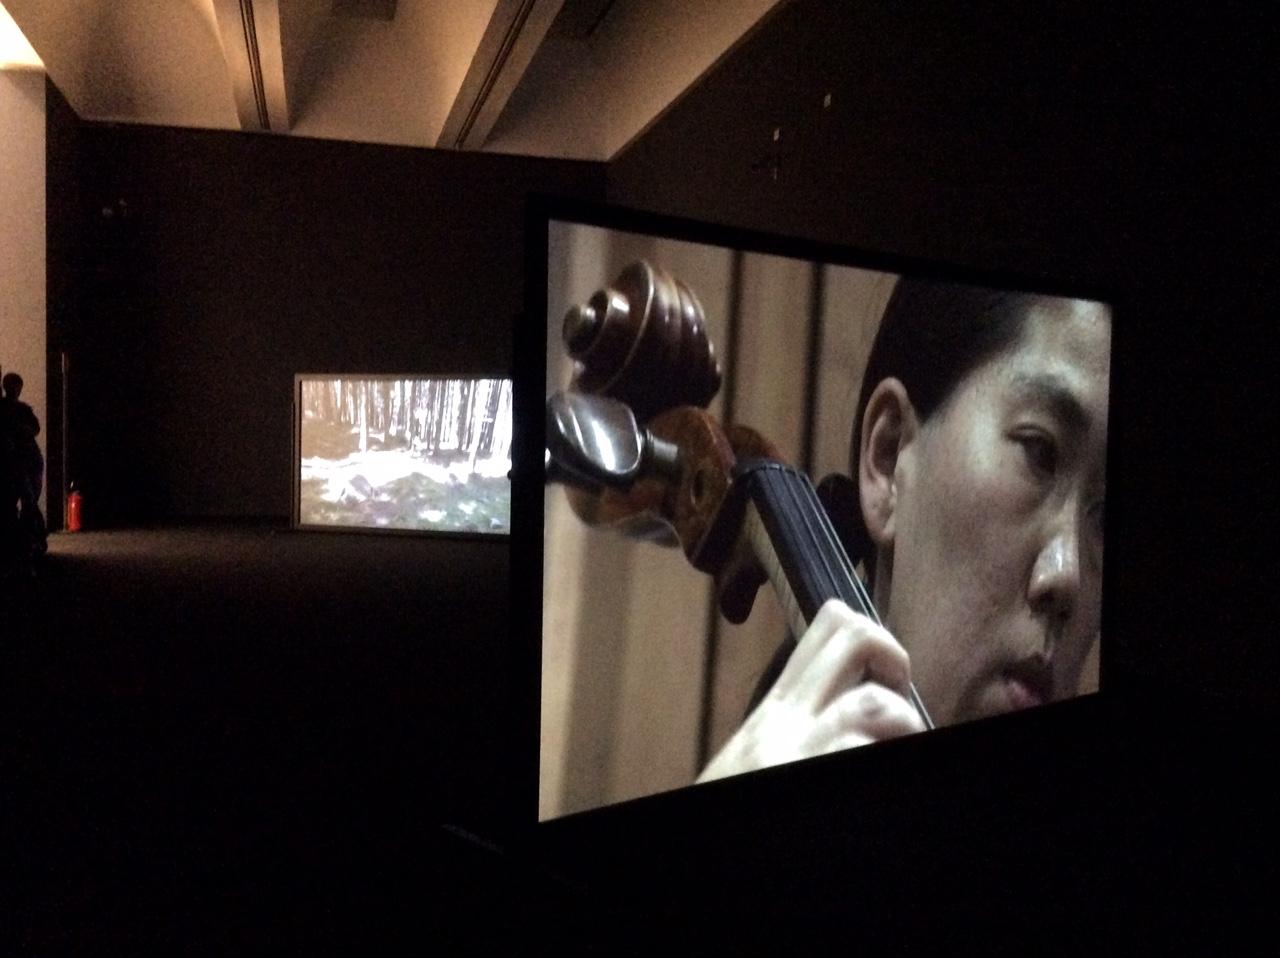 Masbedo-Sinfonia-di-unesecuzione-–-veduta-della-mostra-presso-il-Mart-Rovereto-2015-1